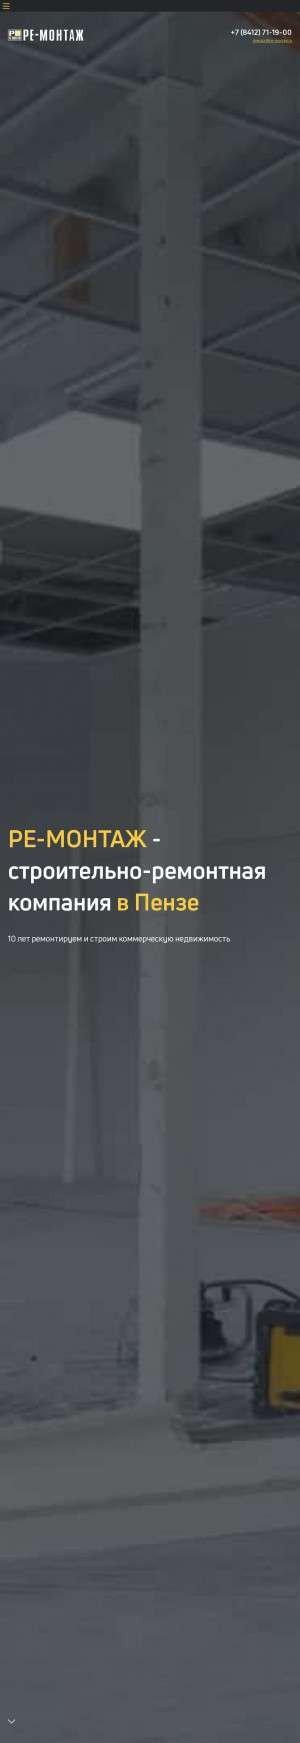 Предпросмотр для www.re-montag.ru — Ре-Монтаж